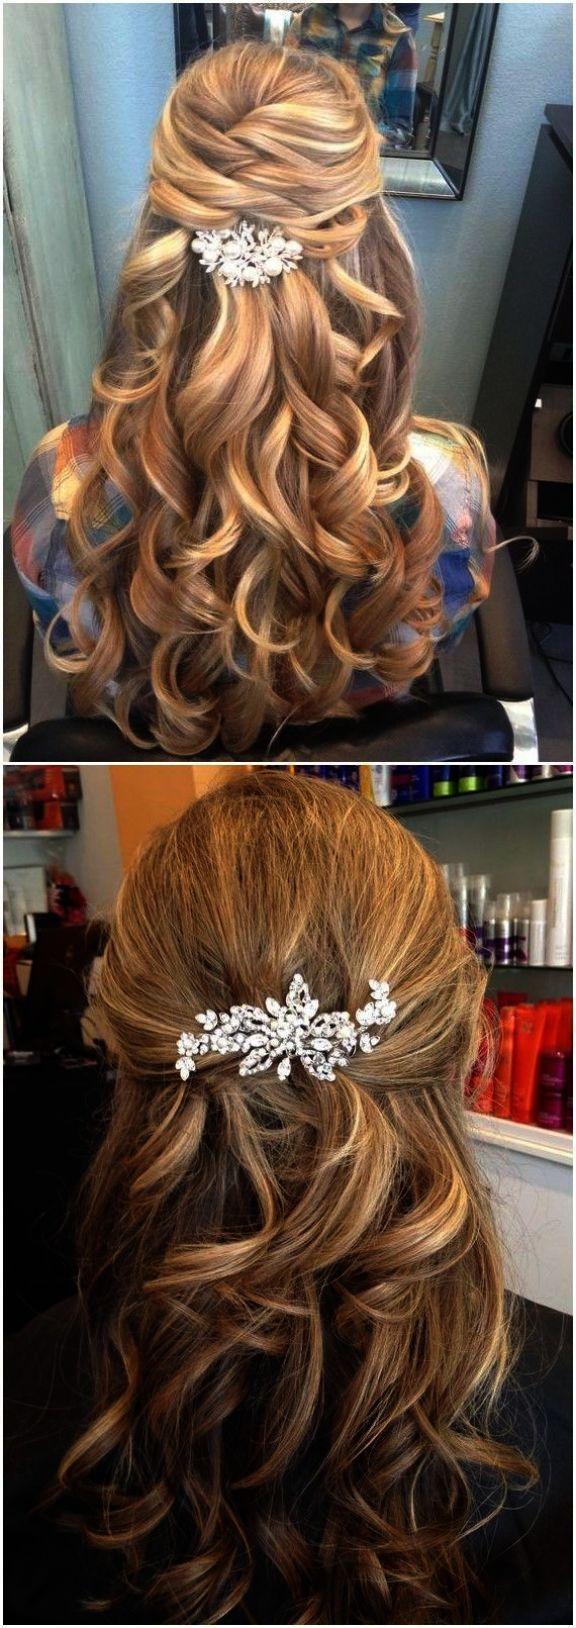 Einfache Hochzeitsgast Frisuren für mittellanges Haar Einfache Hochzeitsfrisuren …  #einfache #frisuren #hochzeitsfrisuren #hochzeitsgast #mittellanges – #einfache #Frisuren #für #Haar #hochzeitsfrisuren #hochzeitsgast #mittellanges